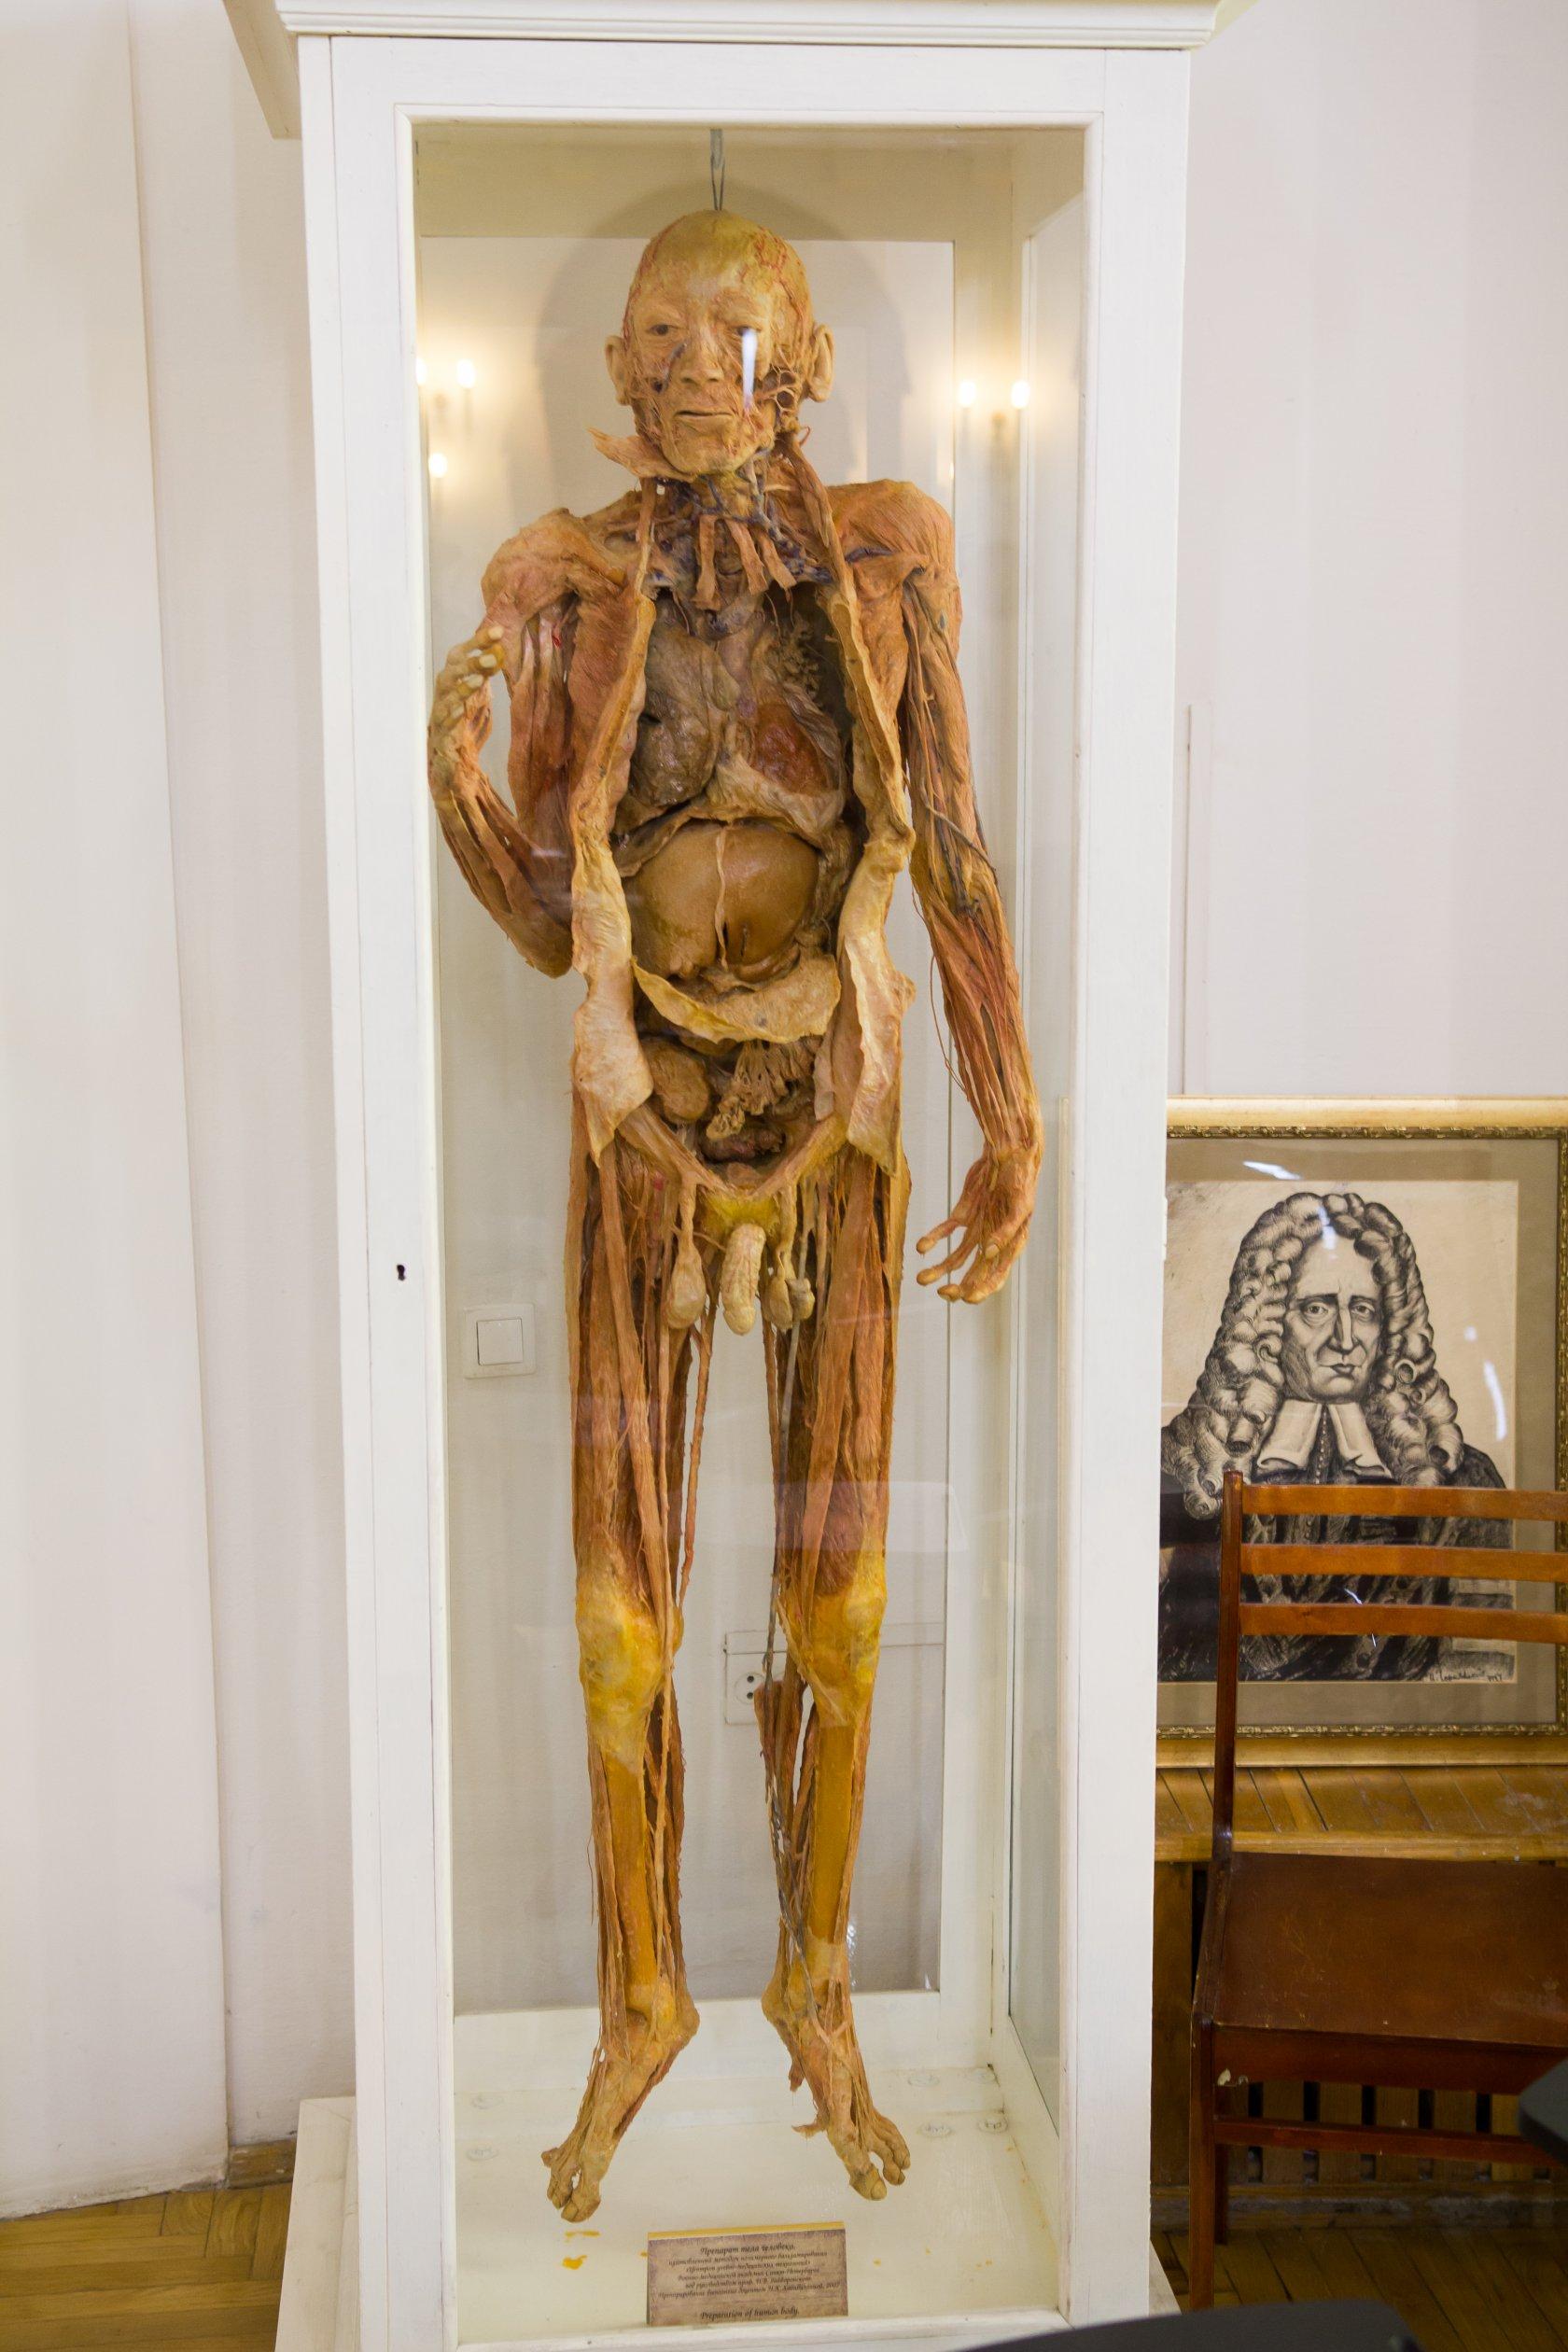 казань анатомический музей театр фото этого британского актера